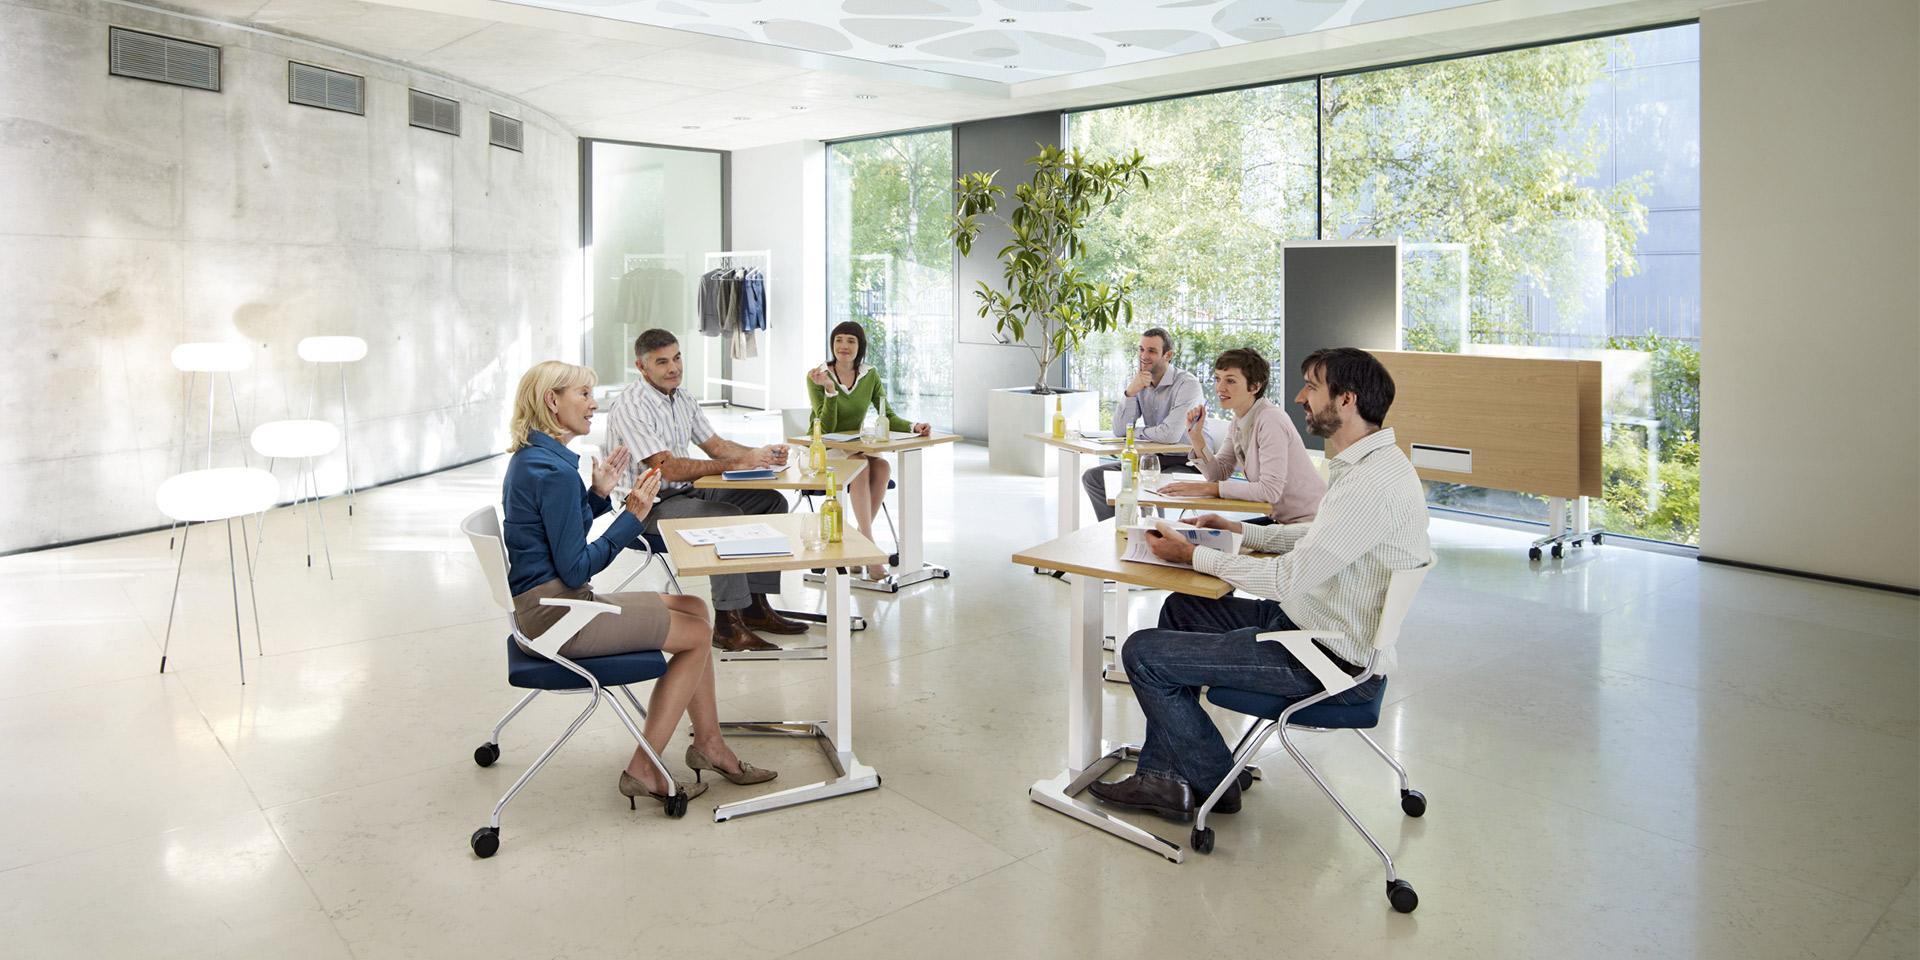 Muebles oficina Barcelona y proyectos de reforma